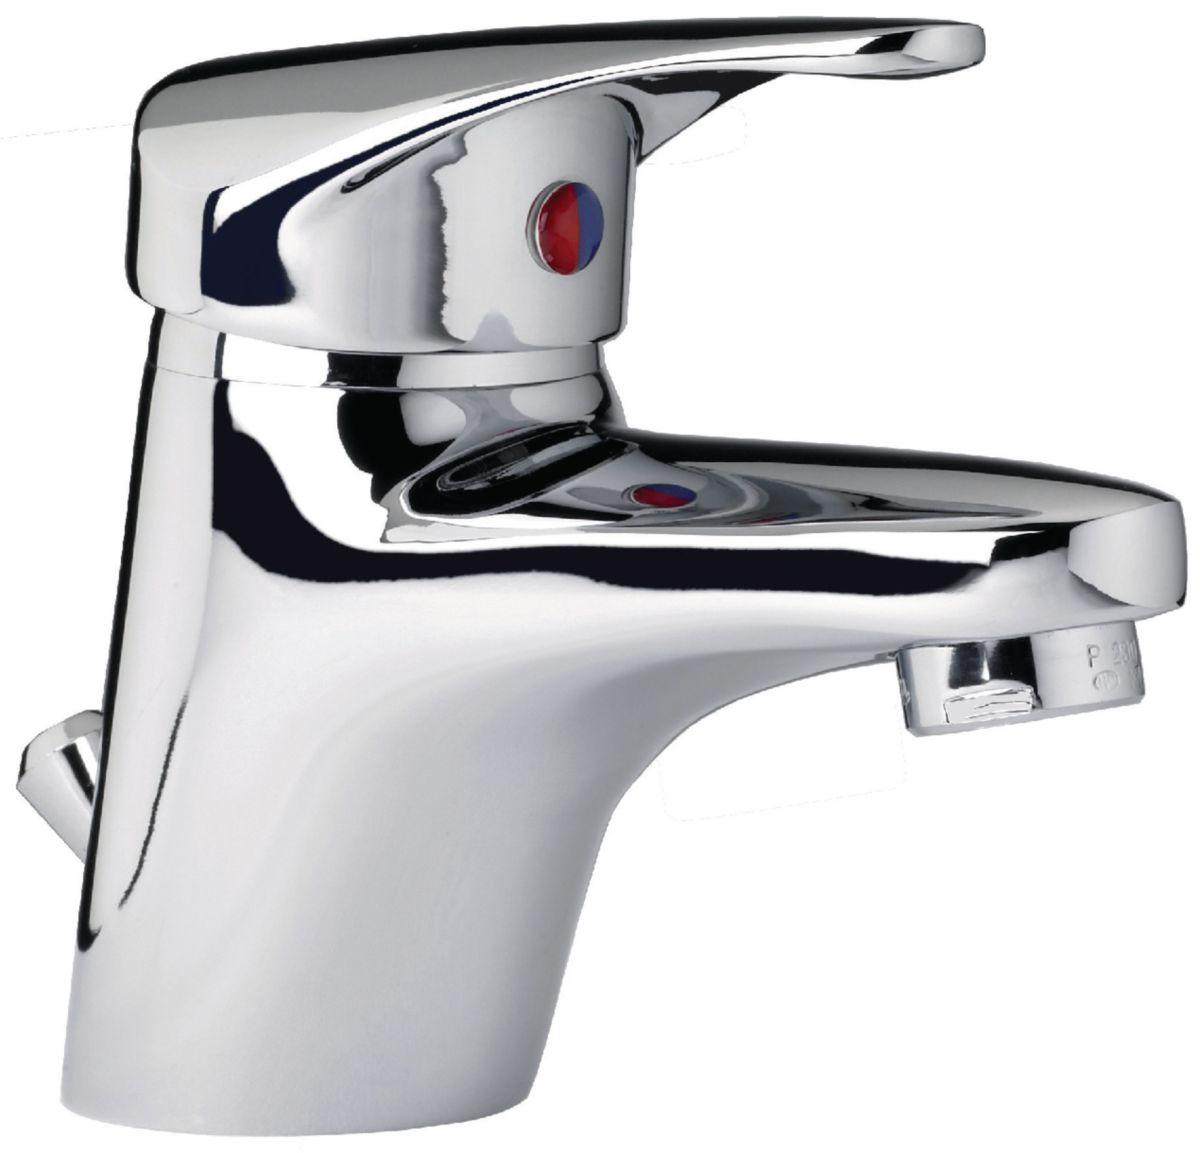 Mitigeur lavabo MEZZO 2 vidage ABS cartouche céramique avec point